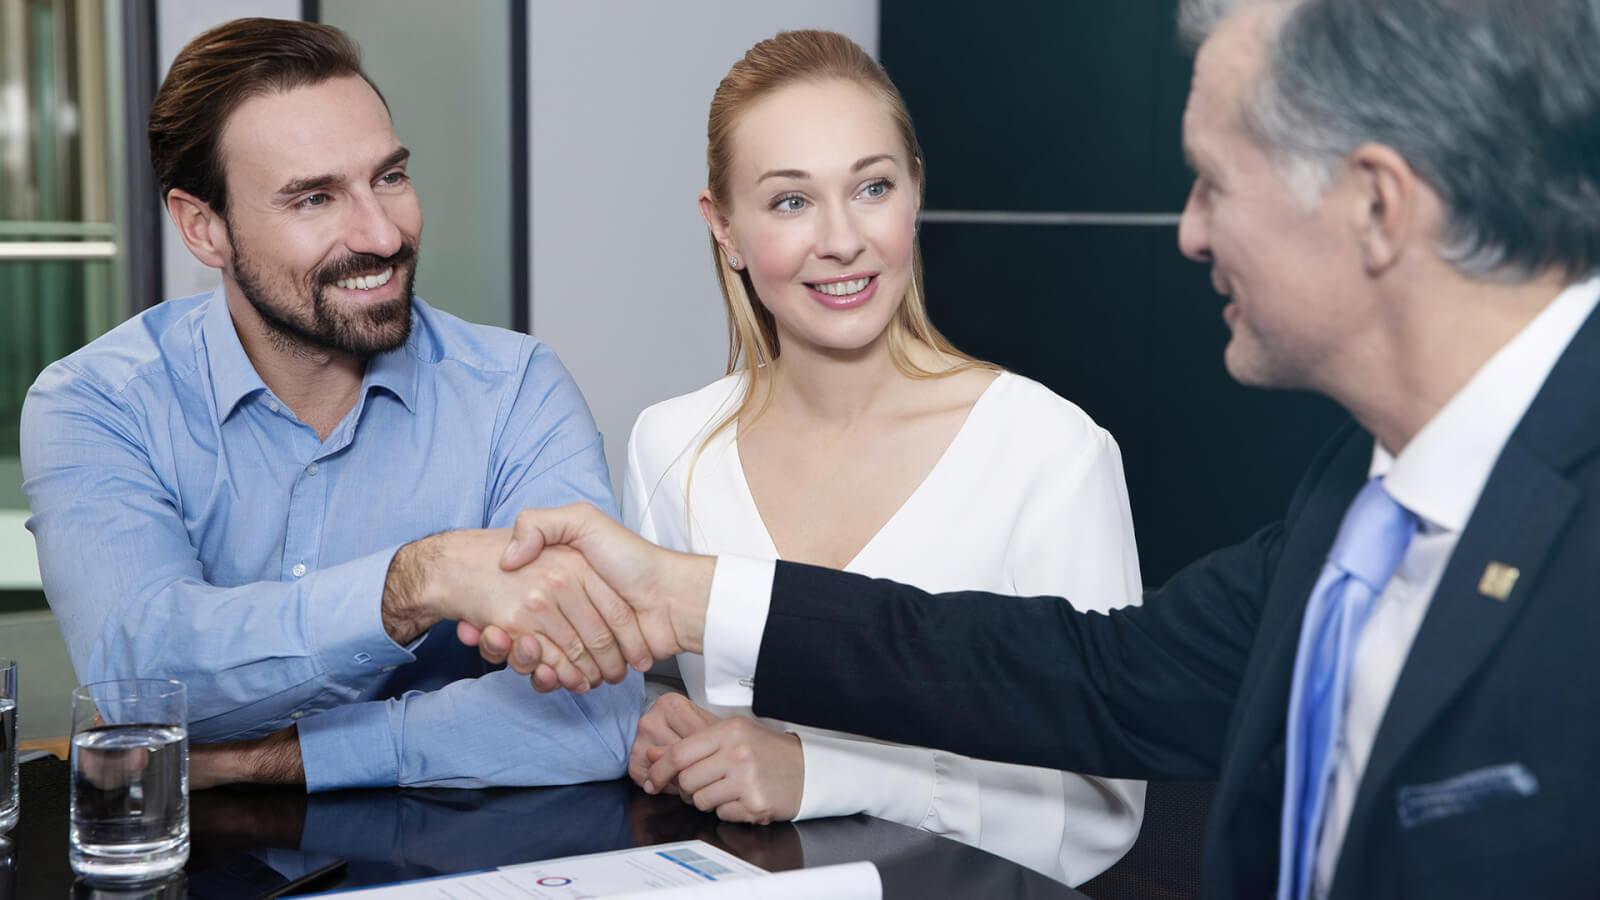 Studie Kundenzufriedenheit – TELIS FINANZ genießt höchste Kundentreue